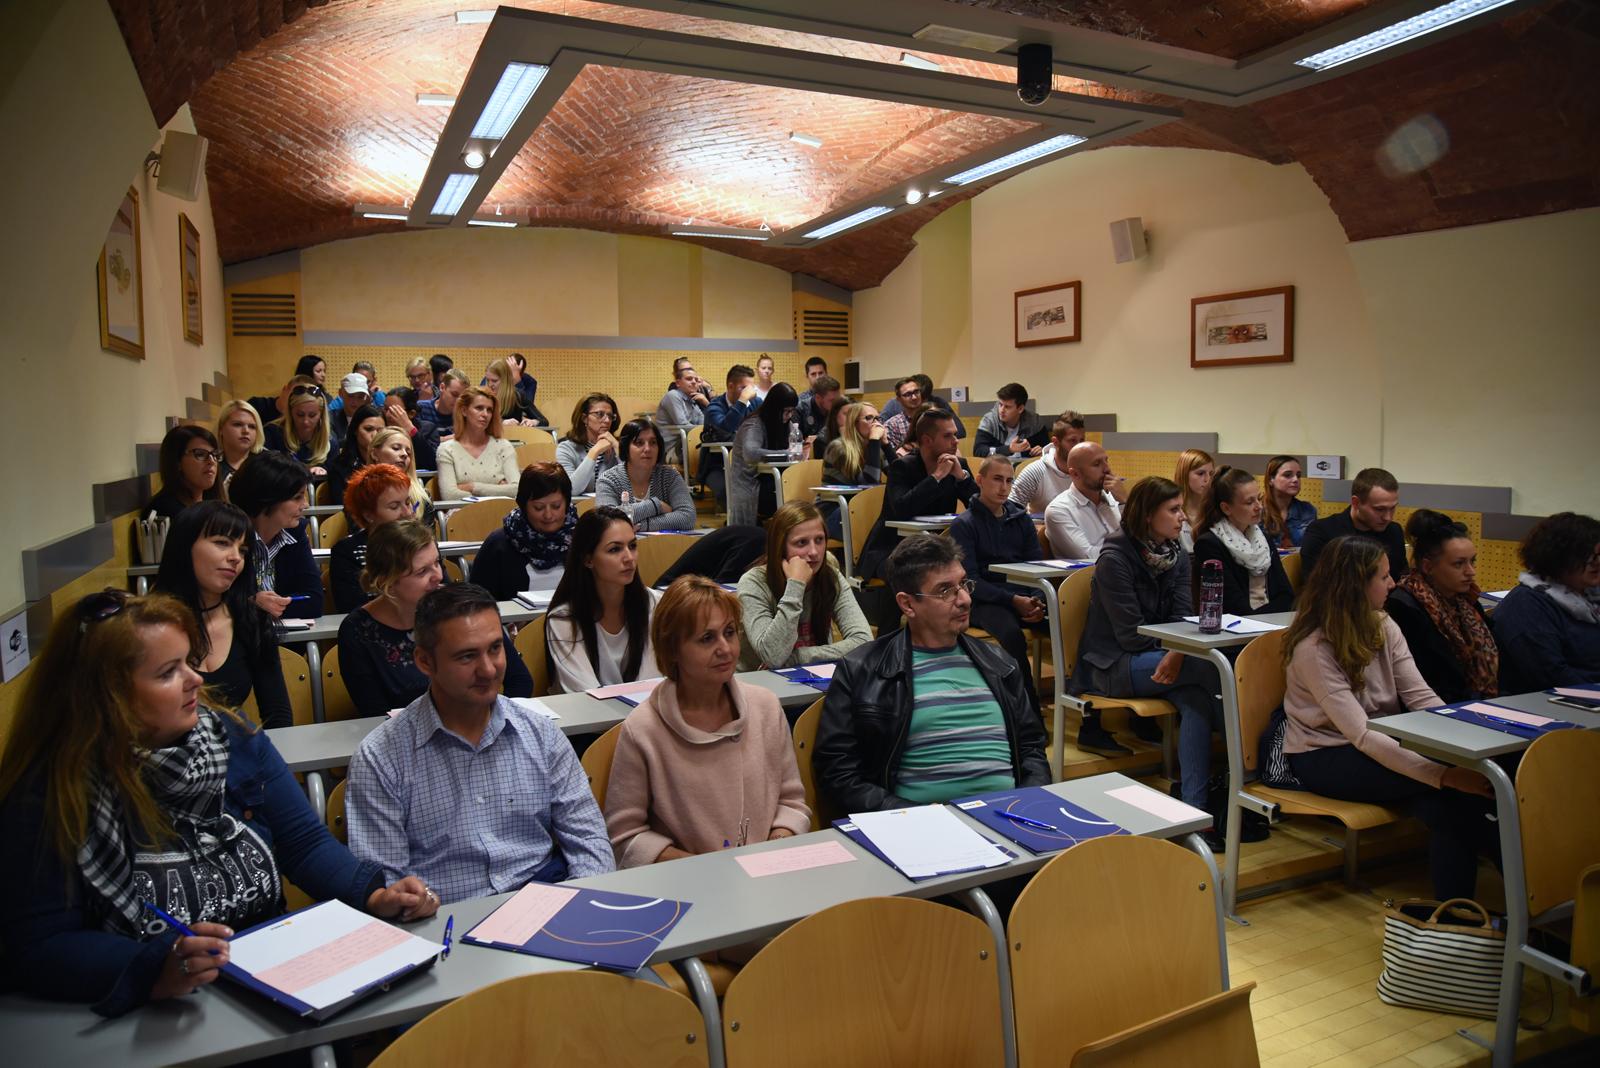 DOBA Fakulteta: 2009: Spodbujanje ustvarjalnosti in inovativnosti v visokem šolstvu